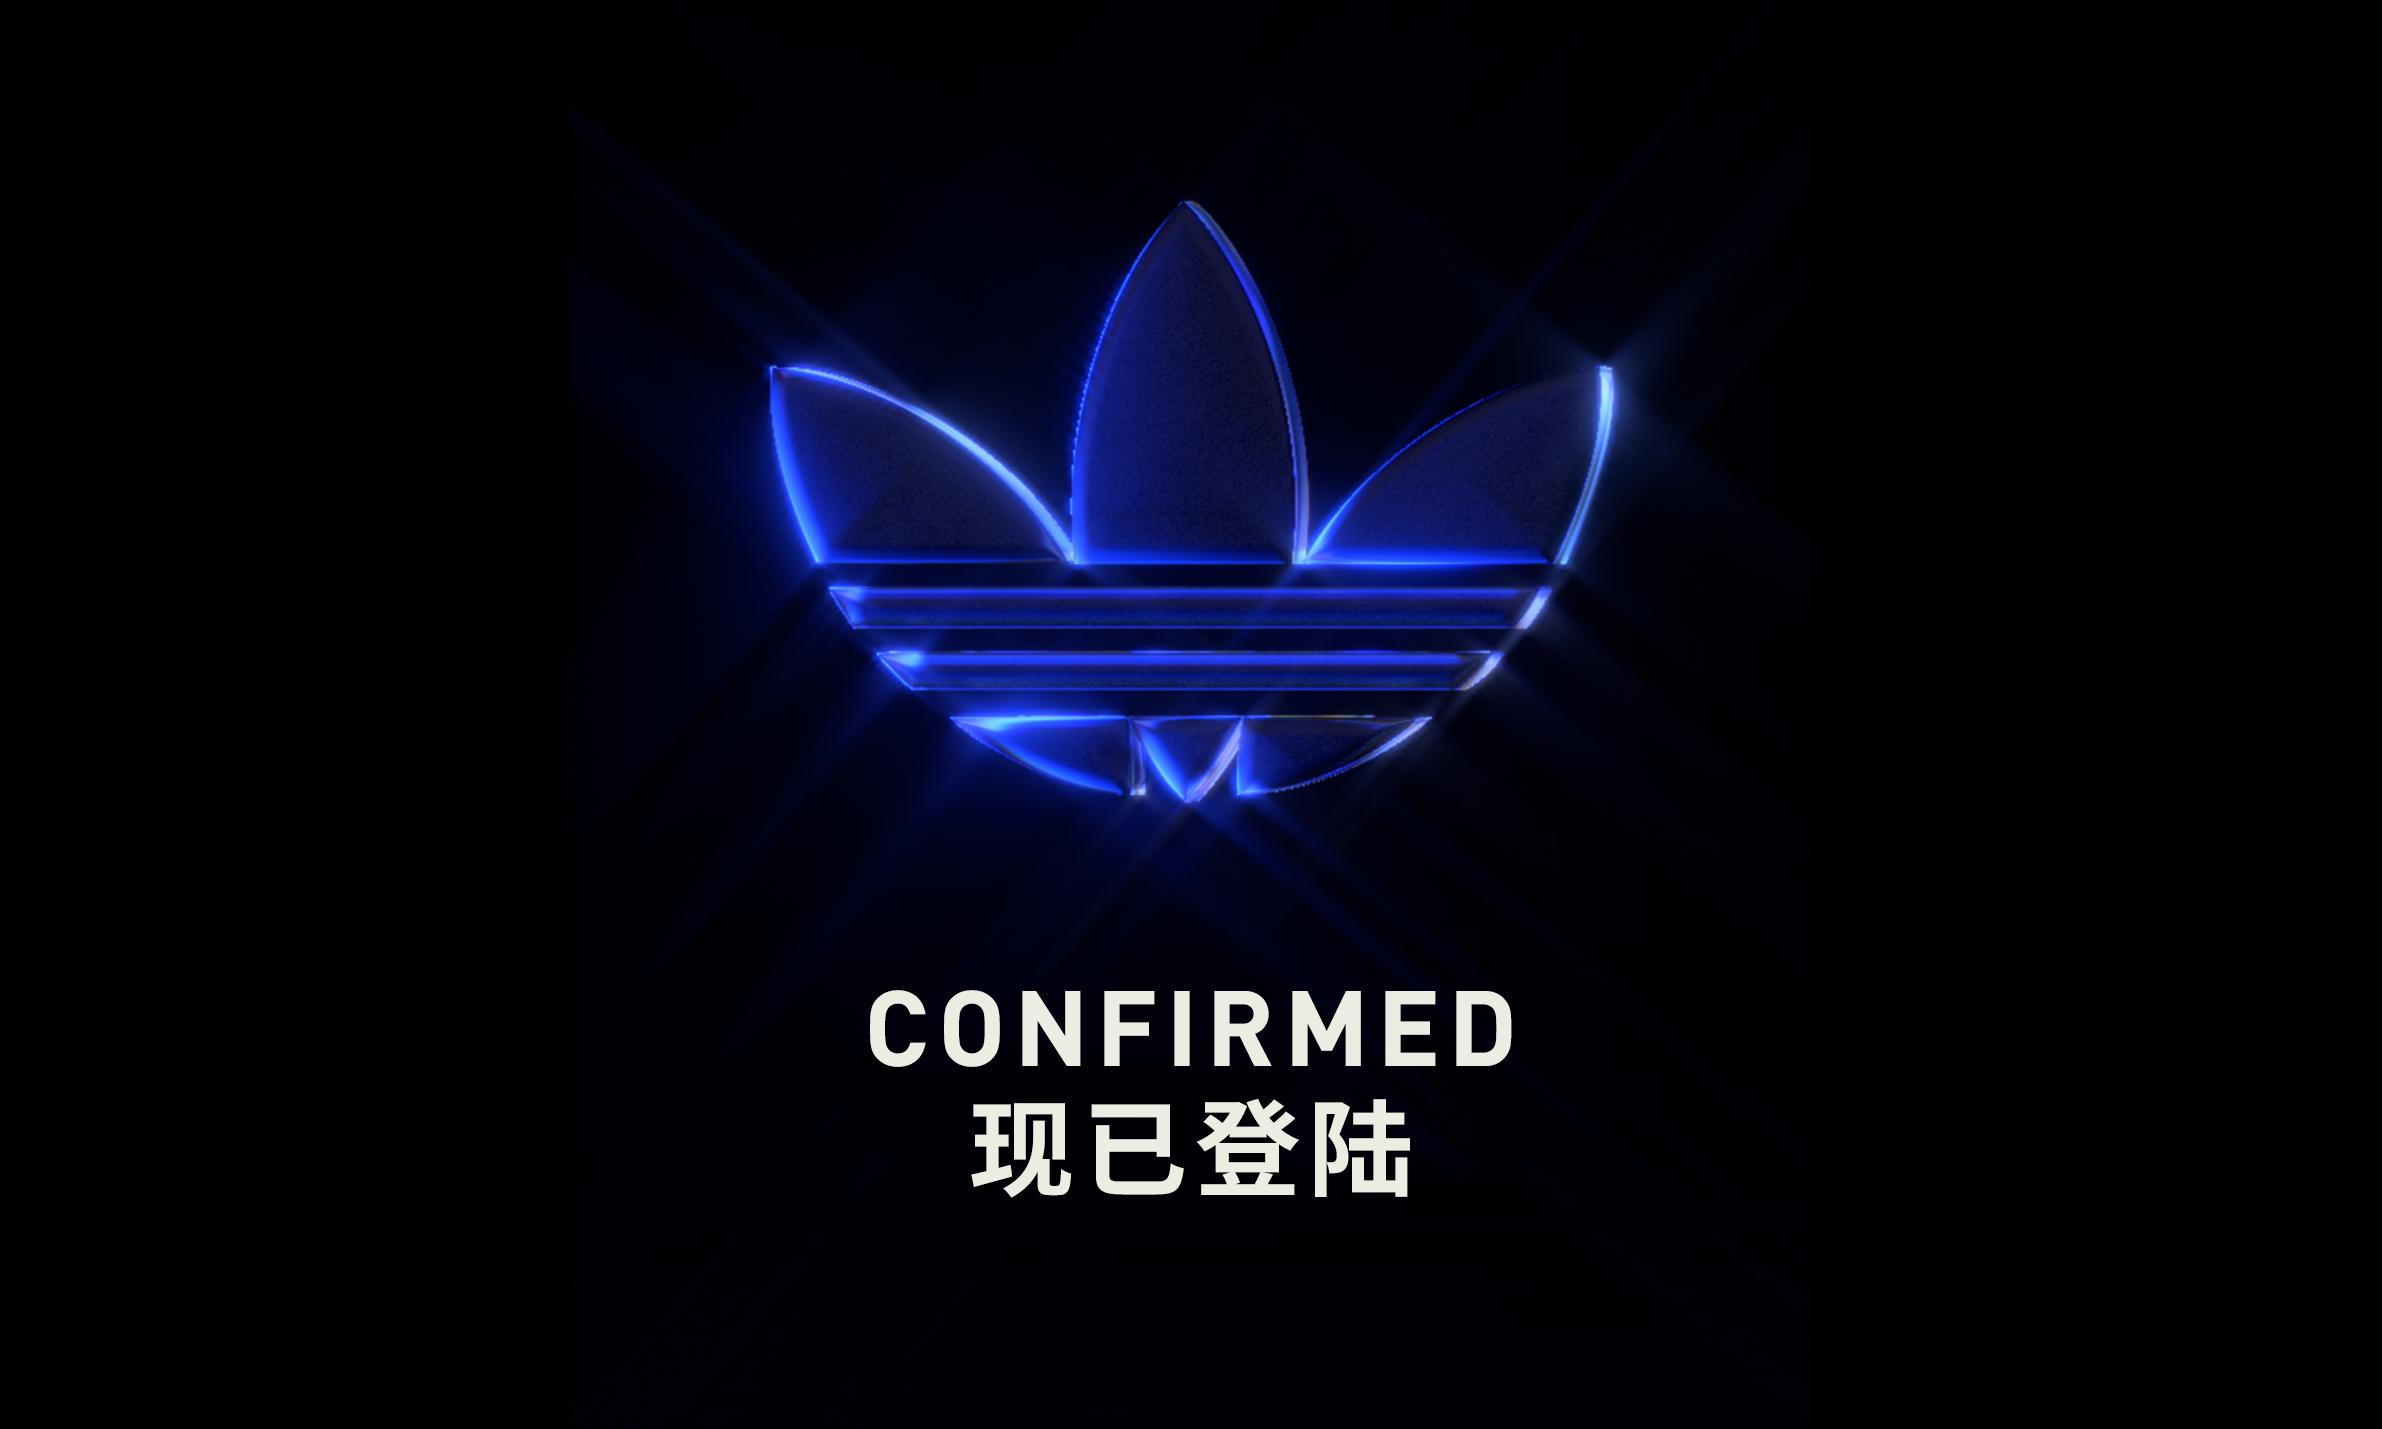 独家产品与创意内容平台,adidas CONFIRMED App 正式上线